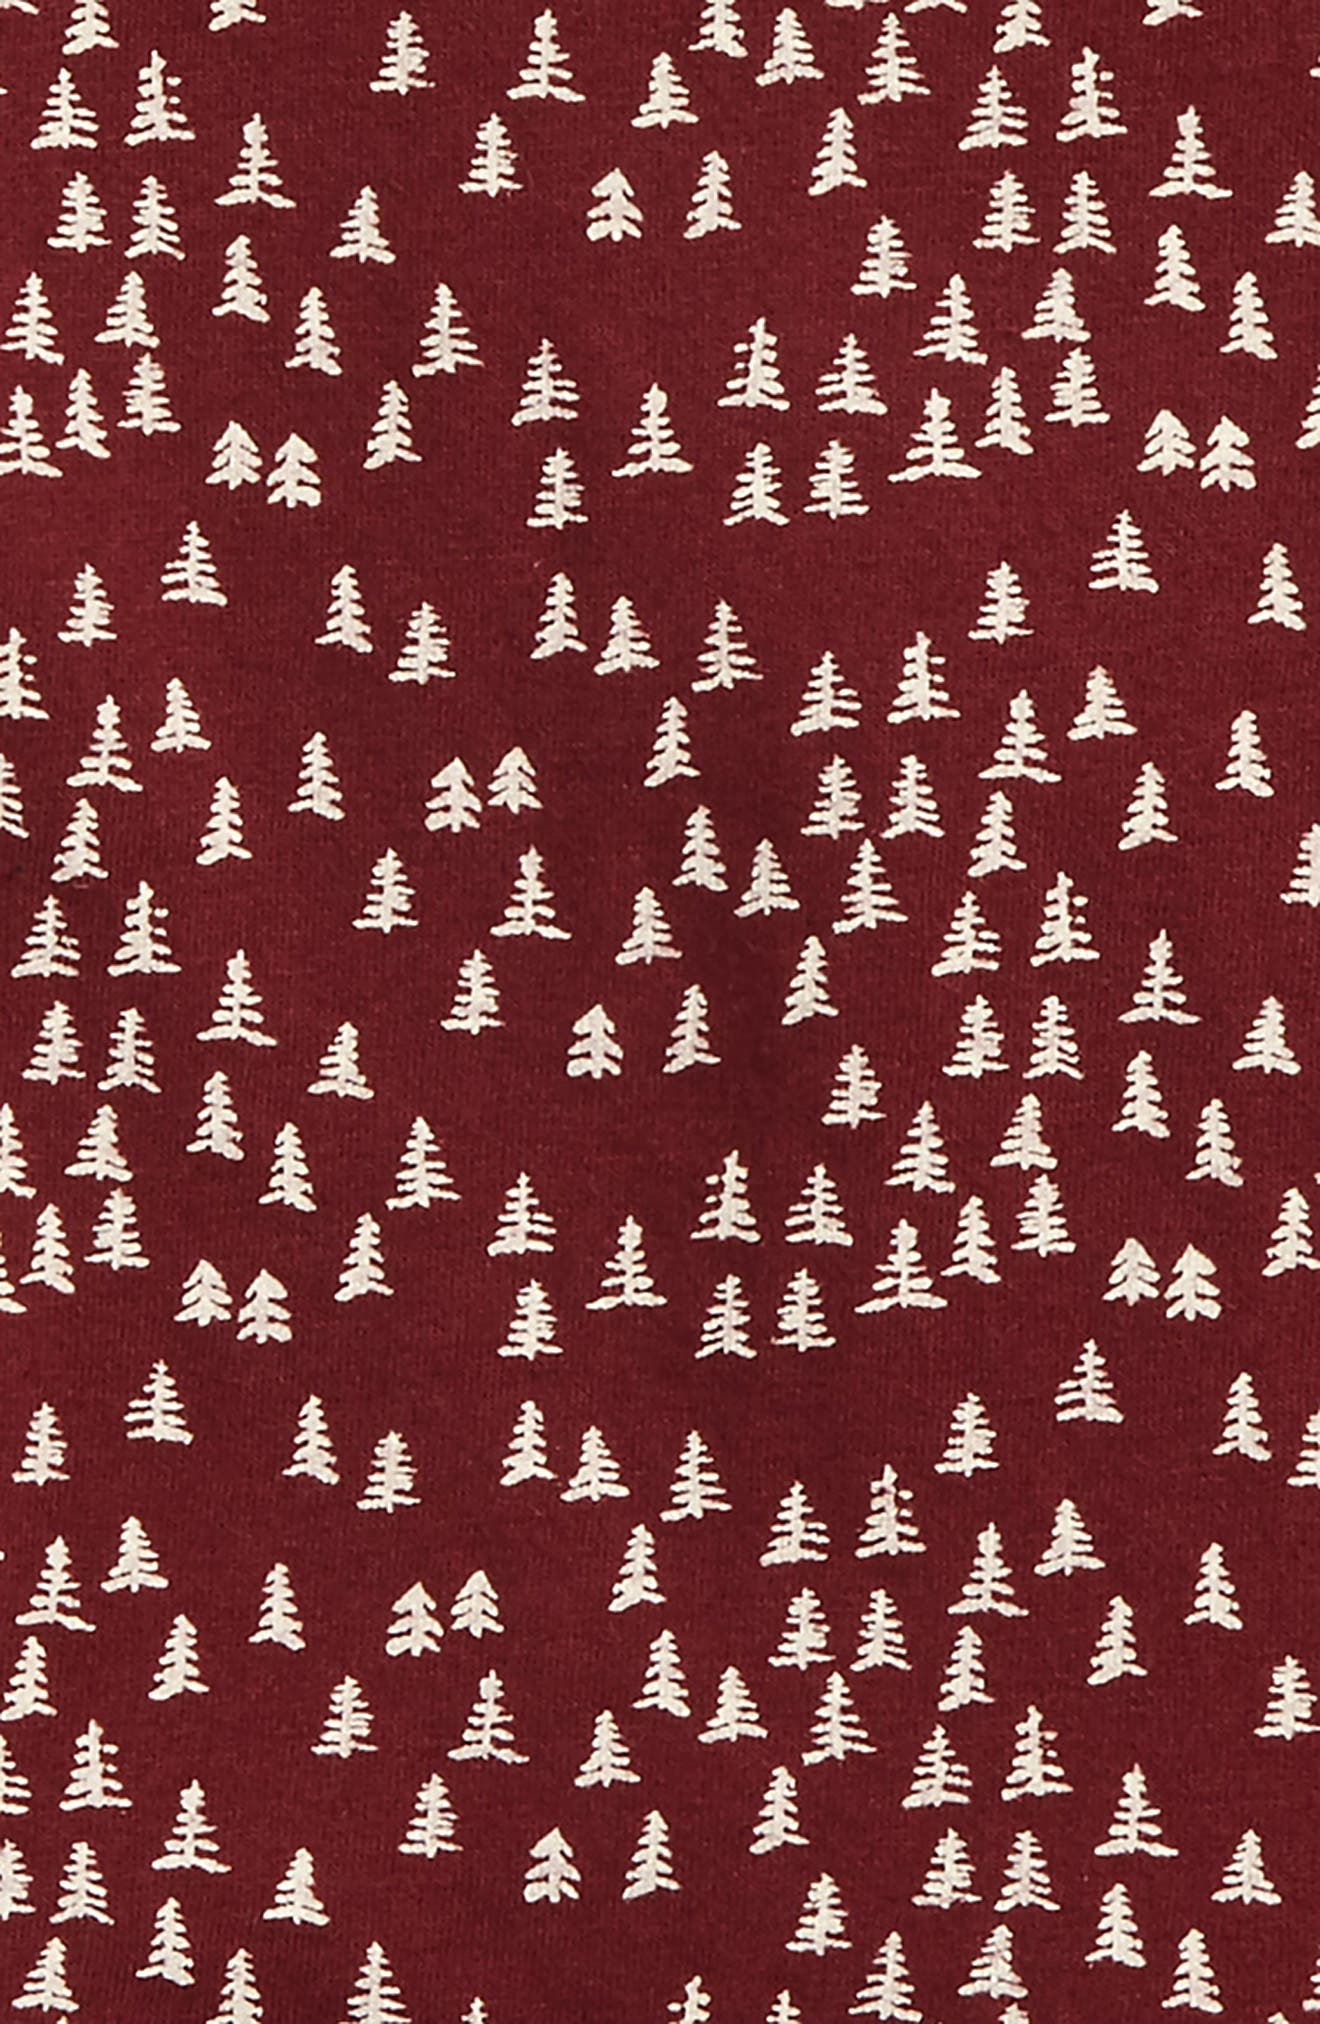 Mini Trees Raglan Tunic & Leggings Set,                             Alternate thumbnail 2, color,                             524